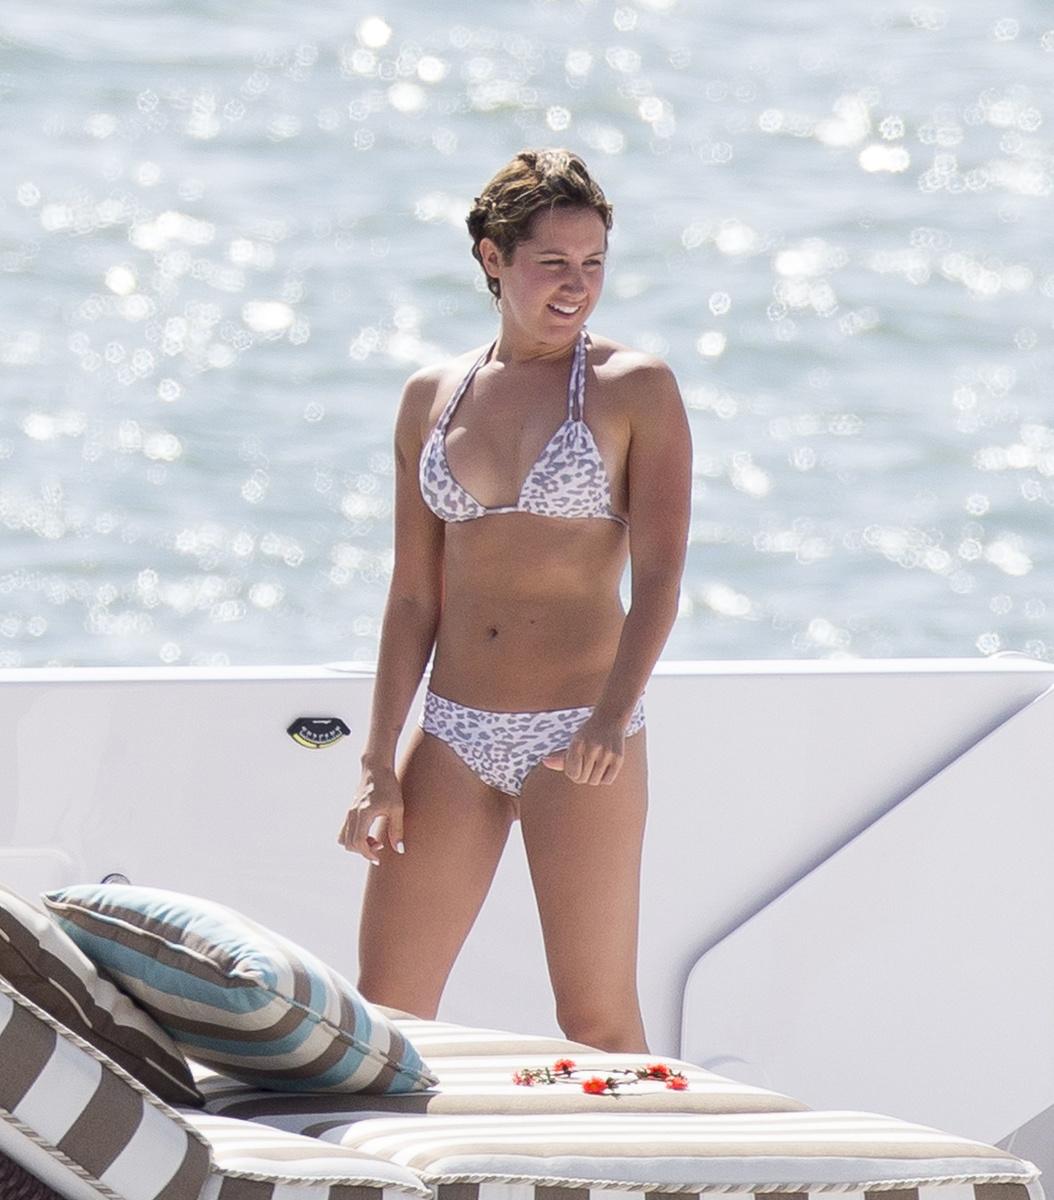 Эшли Тисдейл в леопардовом купальнике на яхте